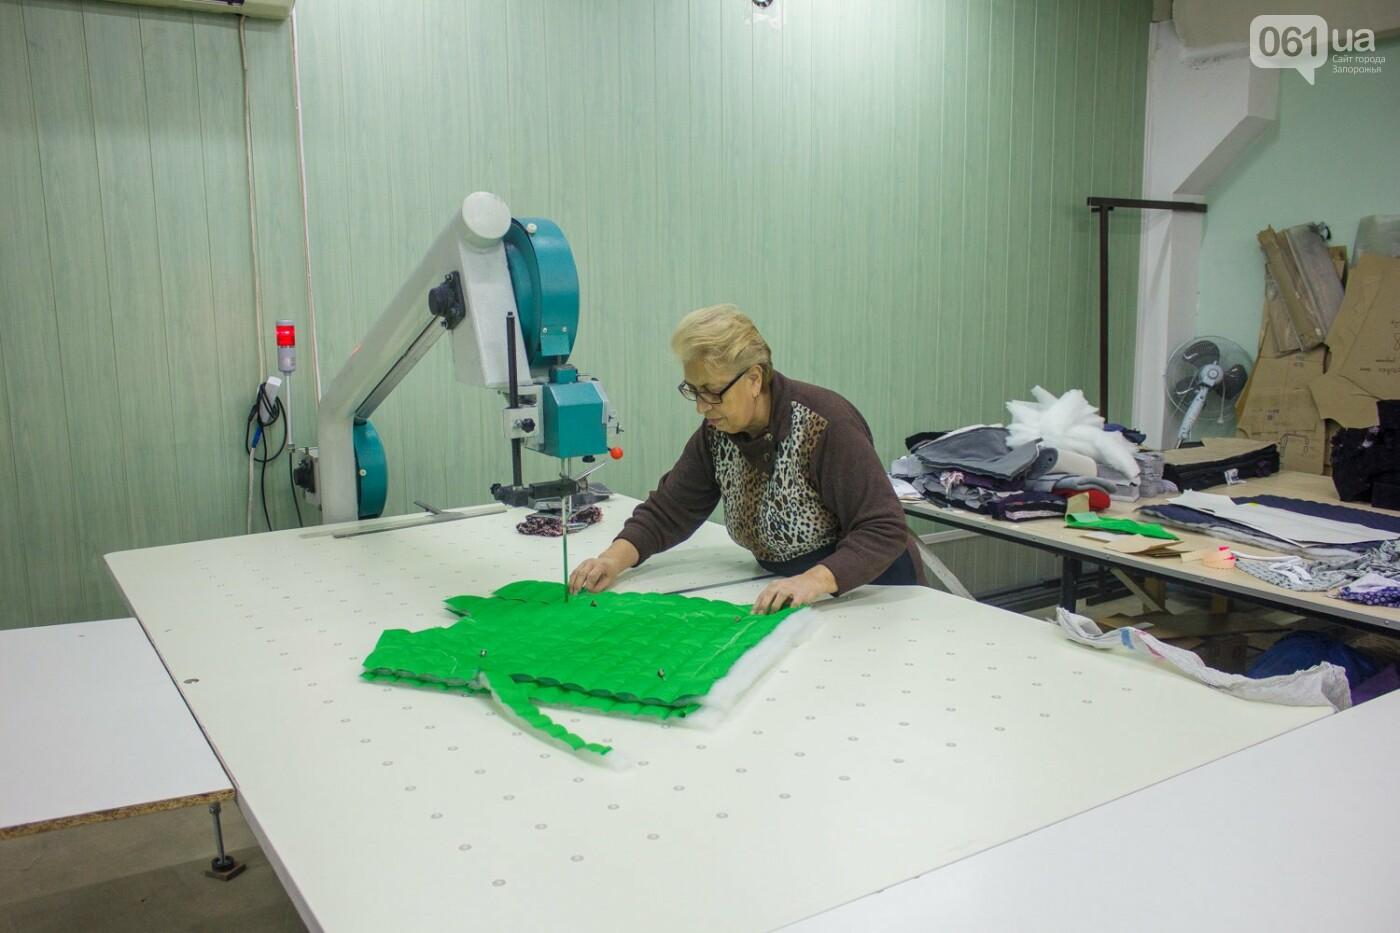 Как в Запорожье шьют мужское белье: экскурсия на трикотажную фабрику, – ФОТОРЕПОРТАЖ, фото-17